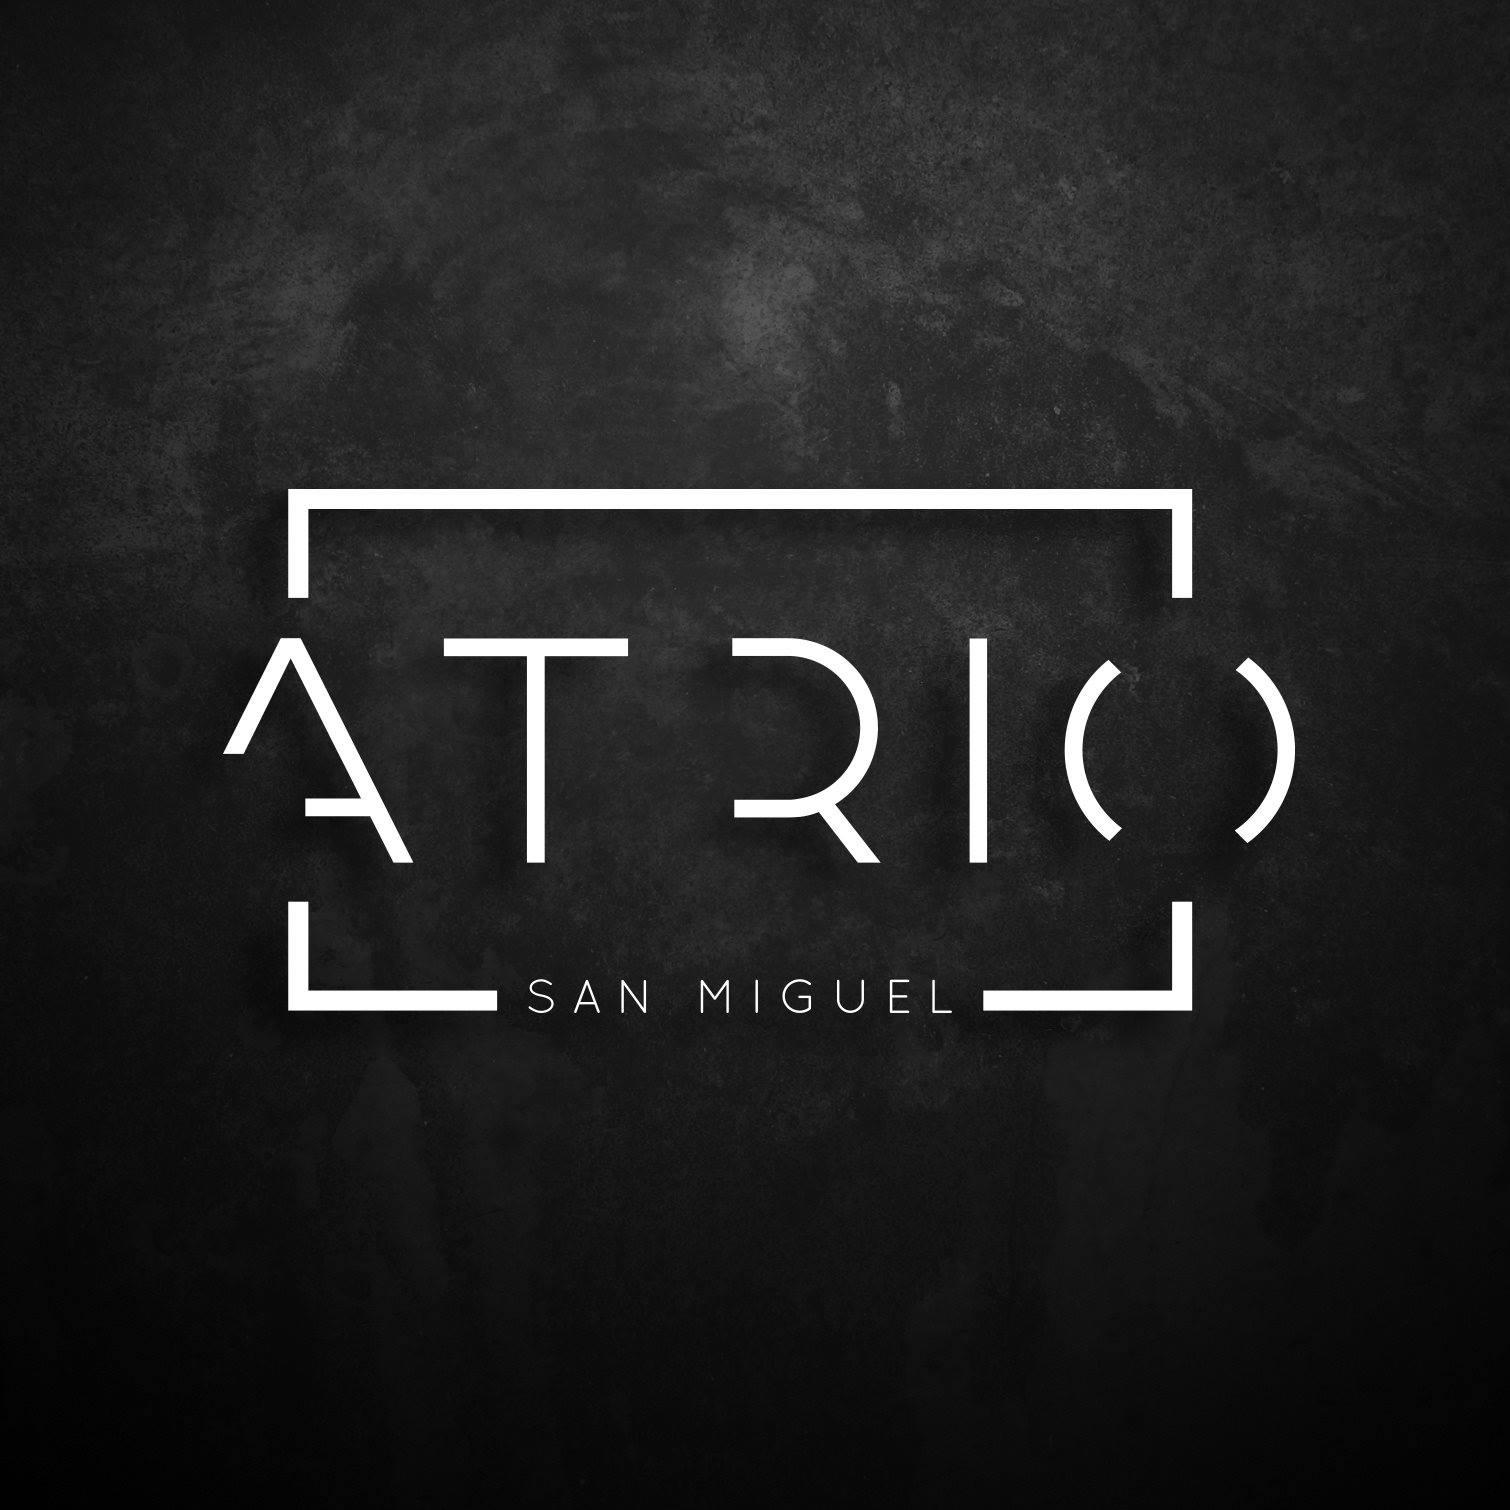 Atrio Restaurant & lounge